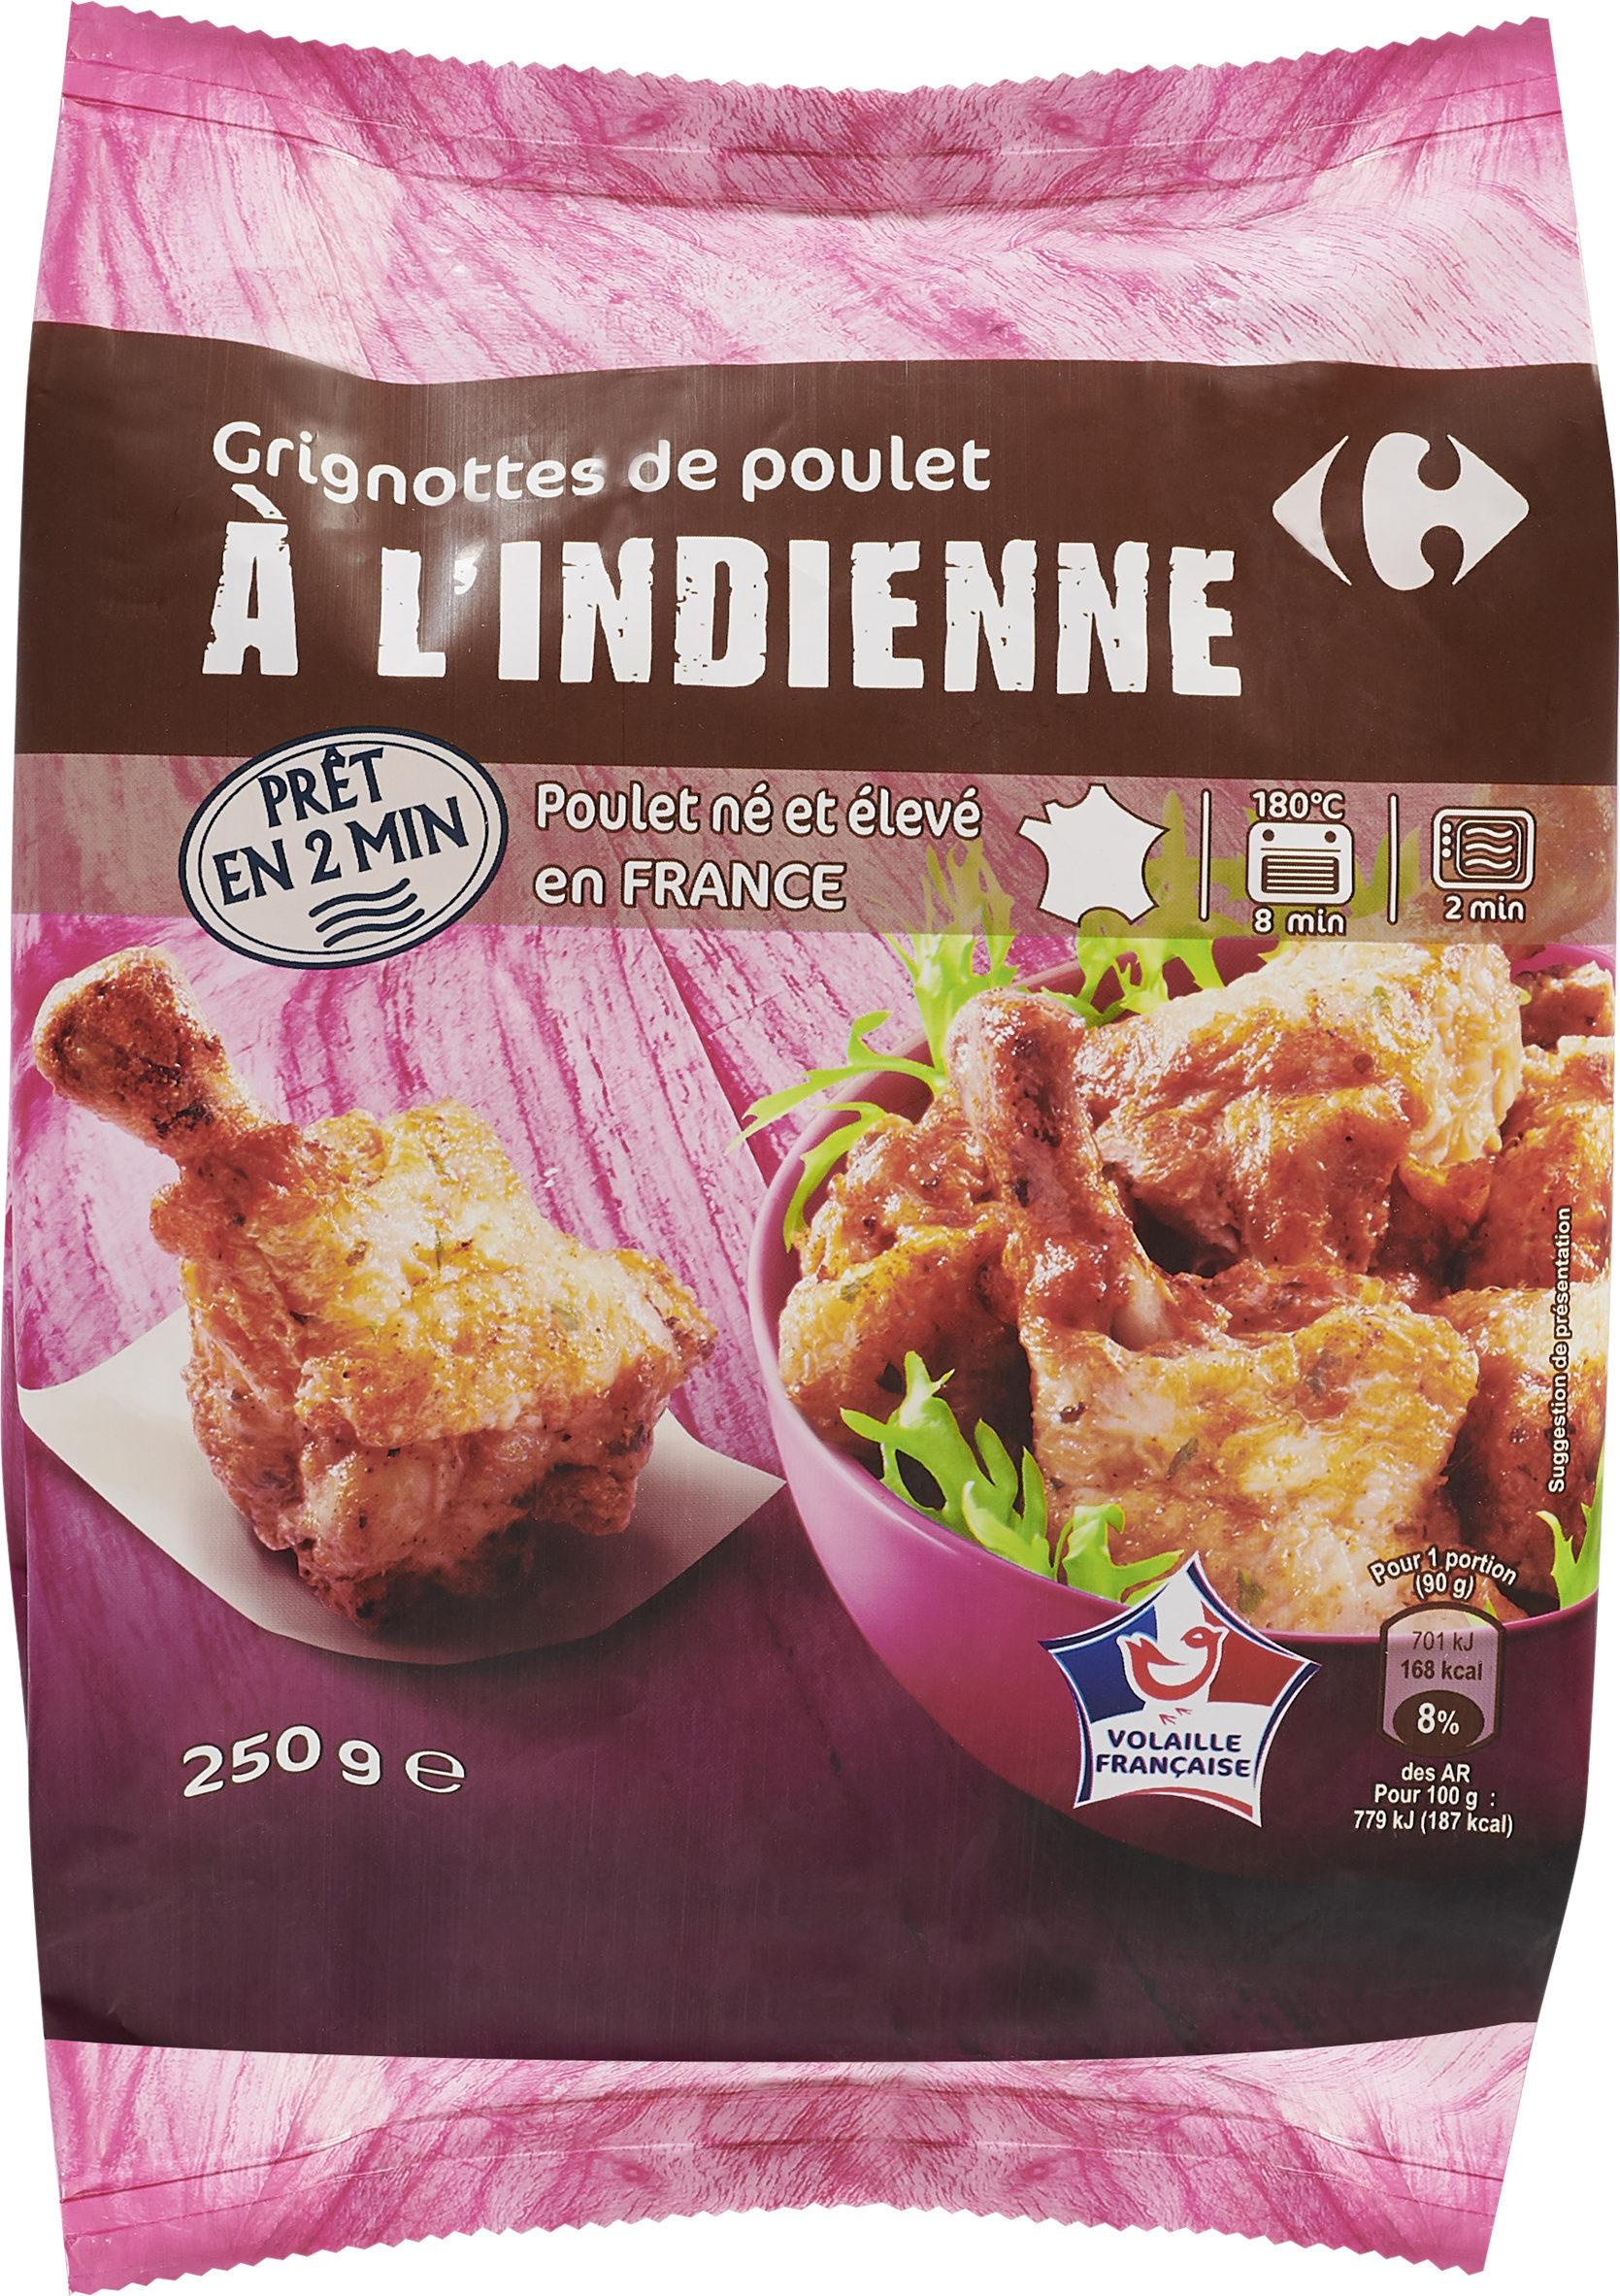 Grignottes de poulet A l'indienne - Product - fr